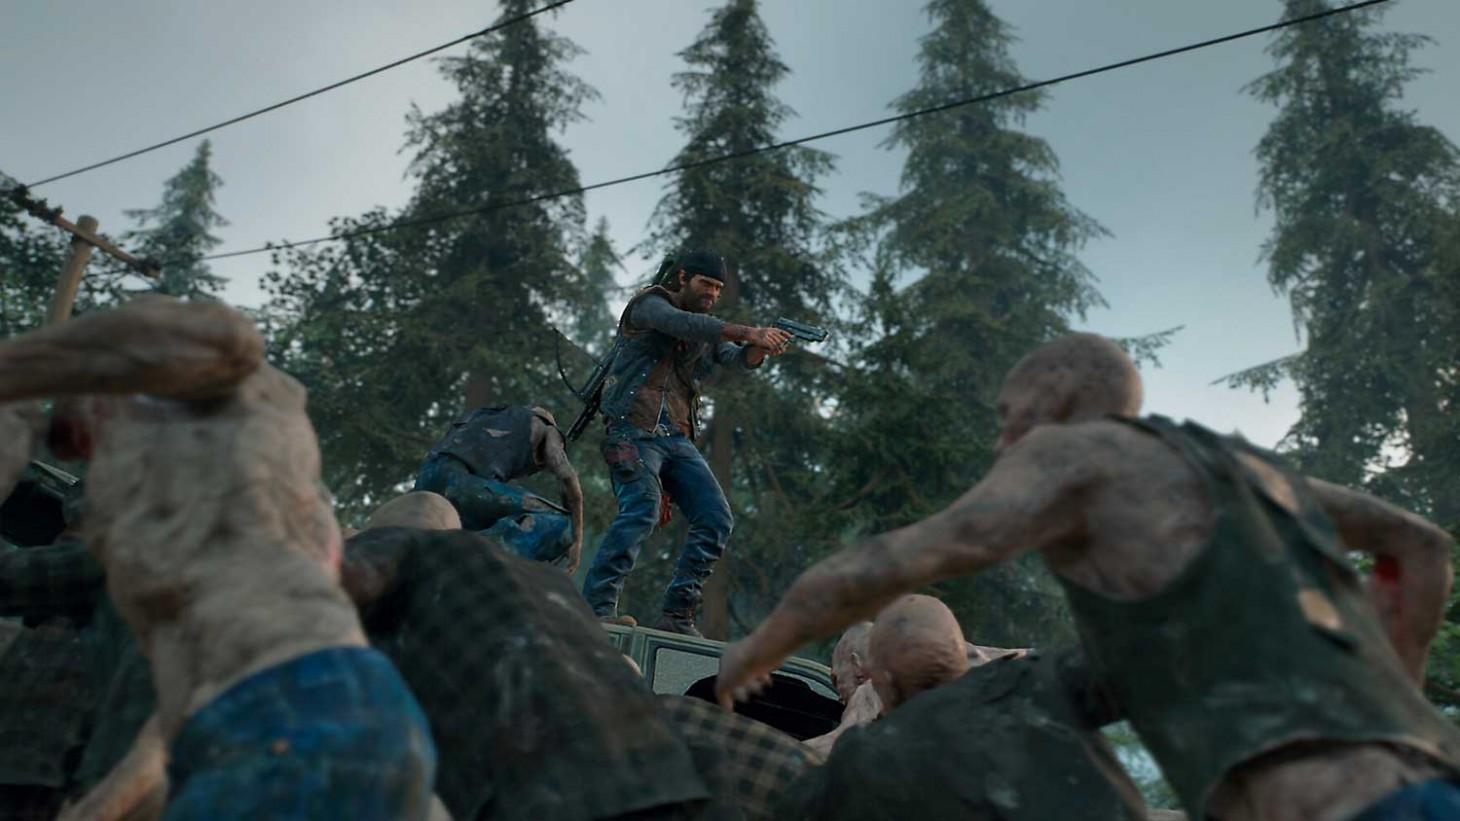 《往日不再》Game Informer 评测 7.75 分:开放与线性的矛盾体